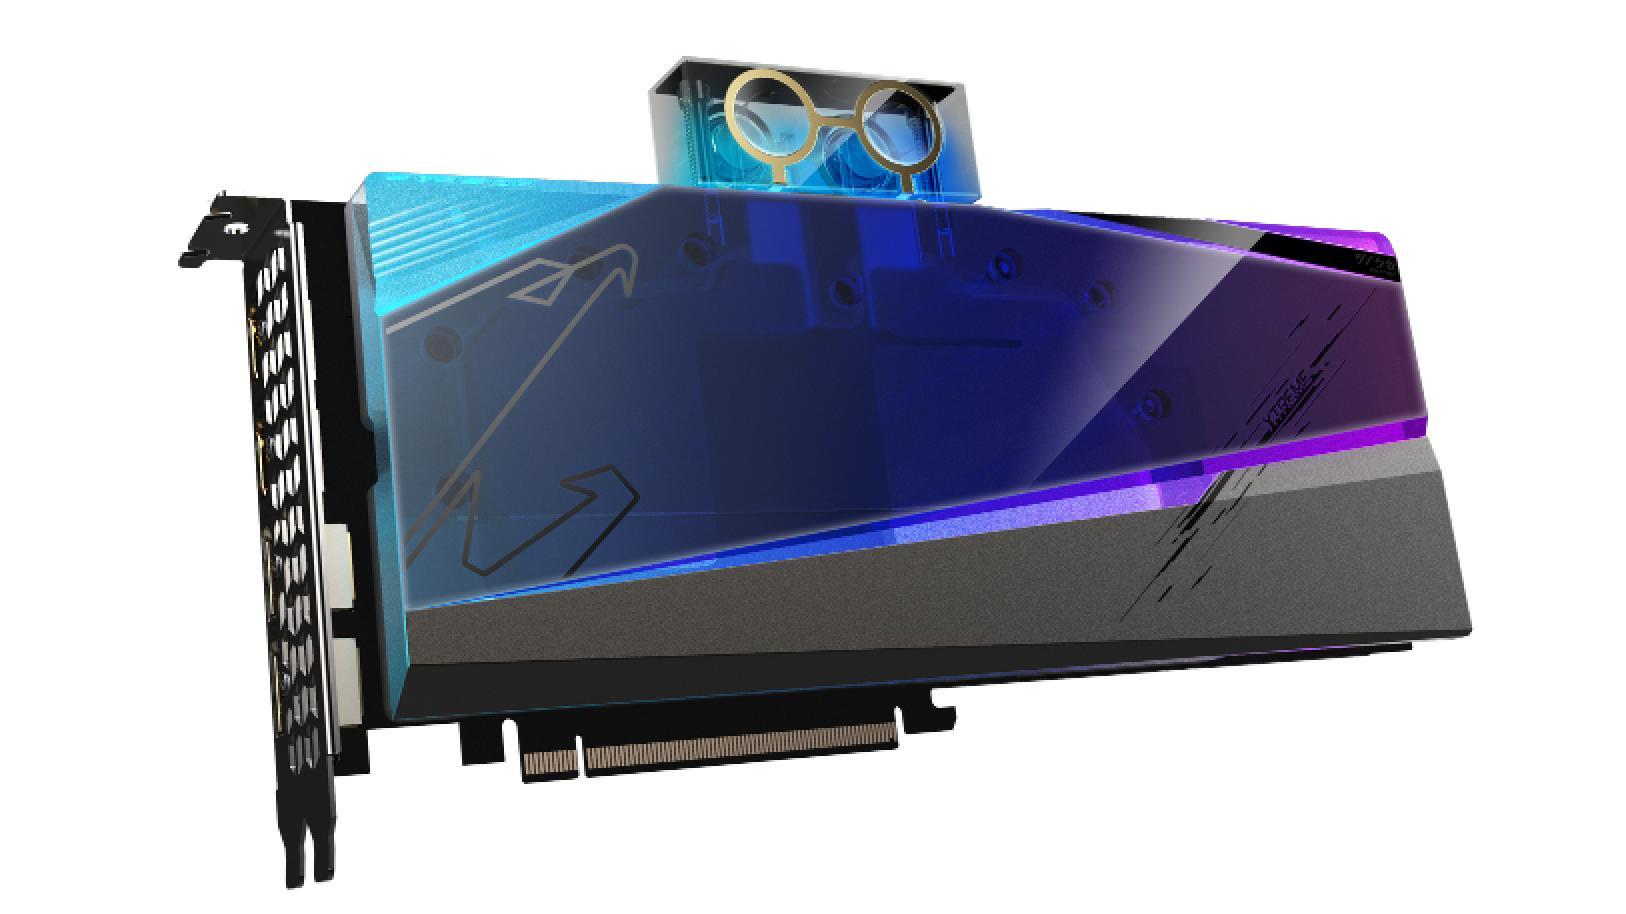 GIGABYTE ra mắt card AORUS RX 6900 XT WATERFORCE WB 16G có khả năng phát hiện rò rỉ nước